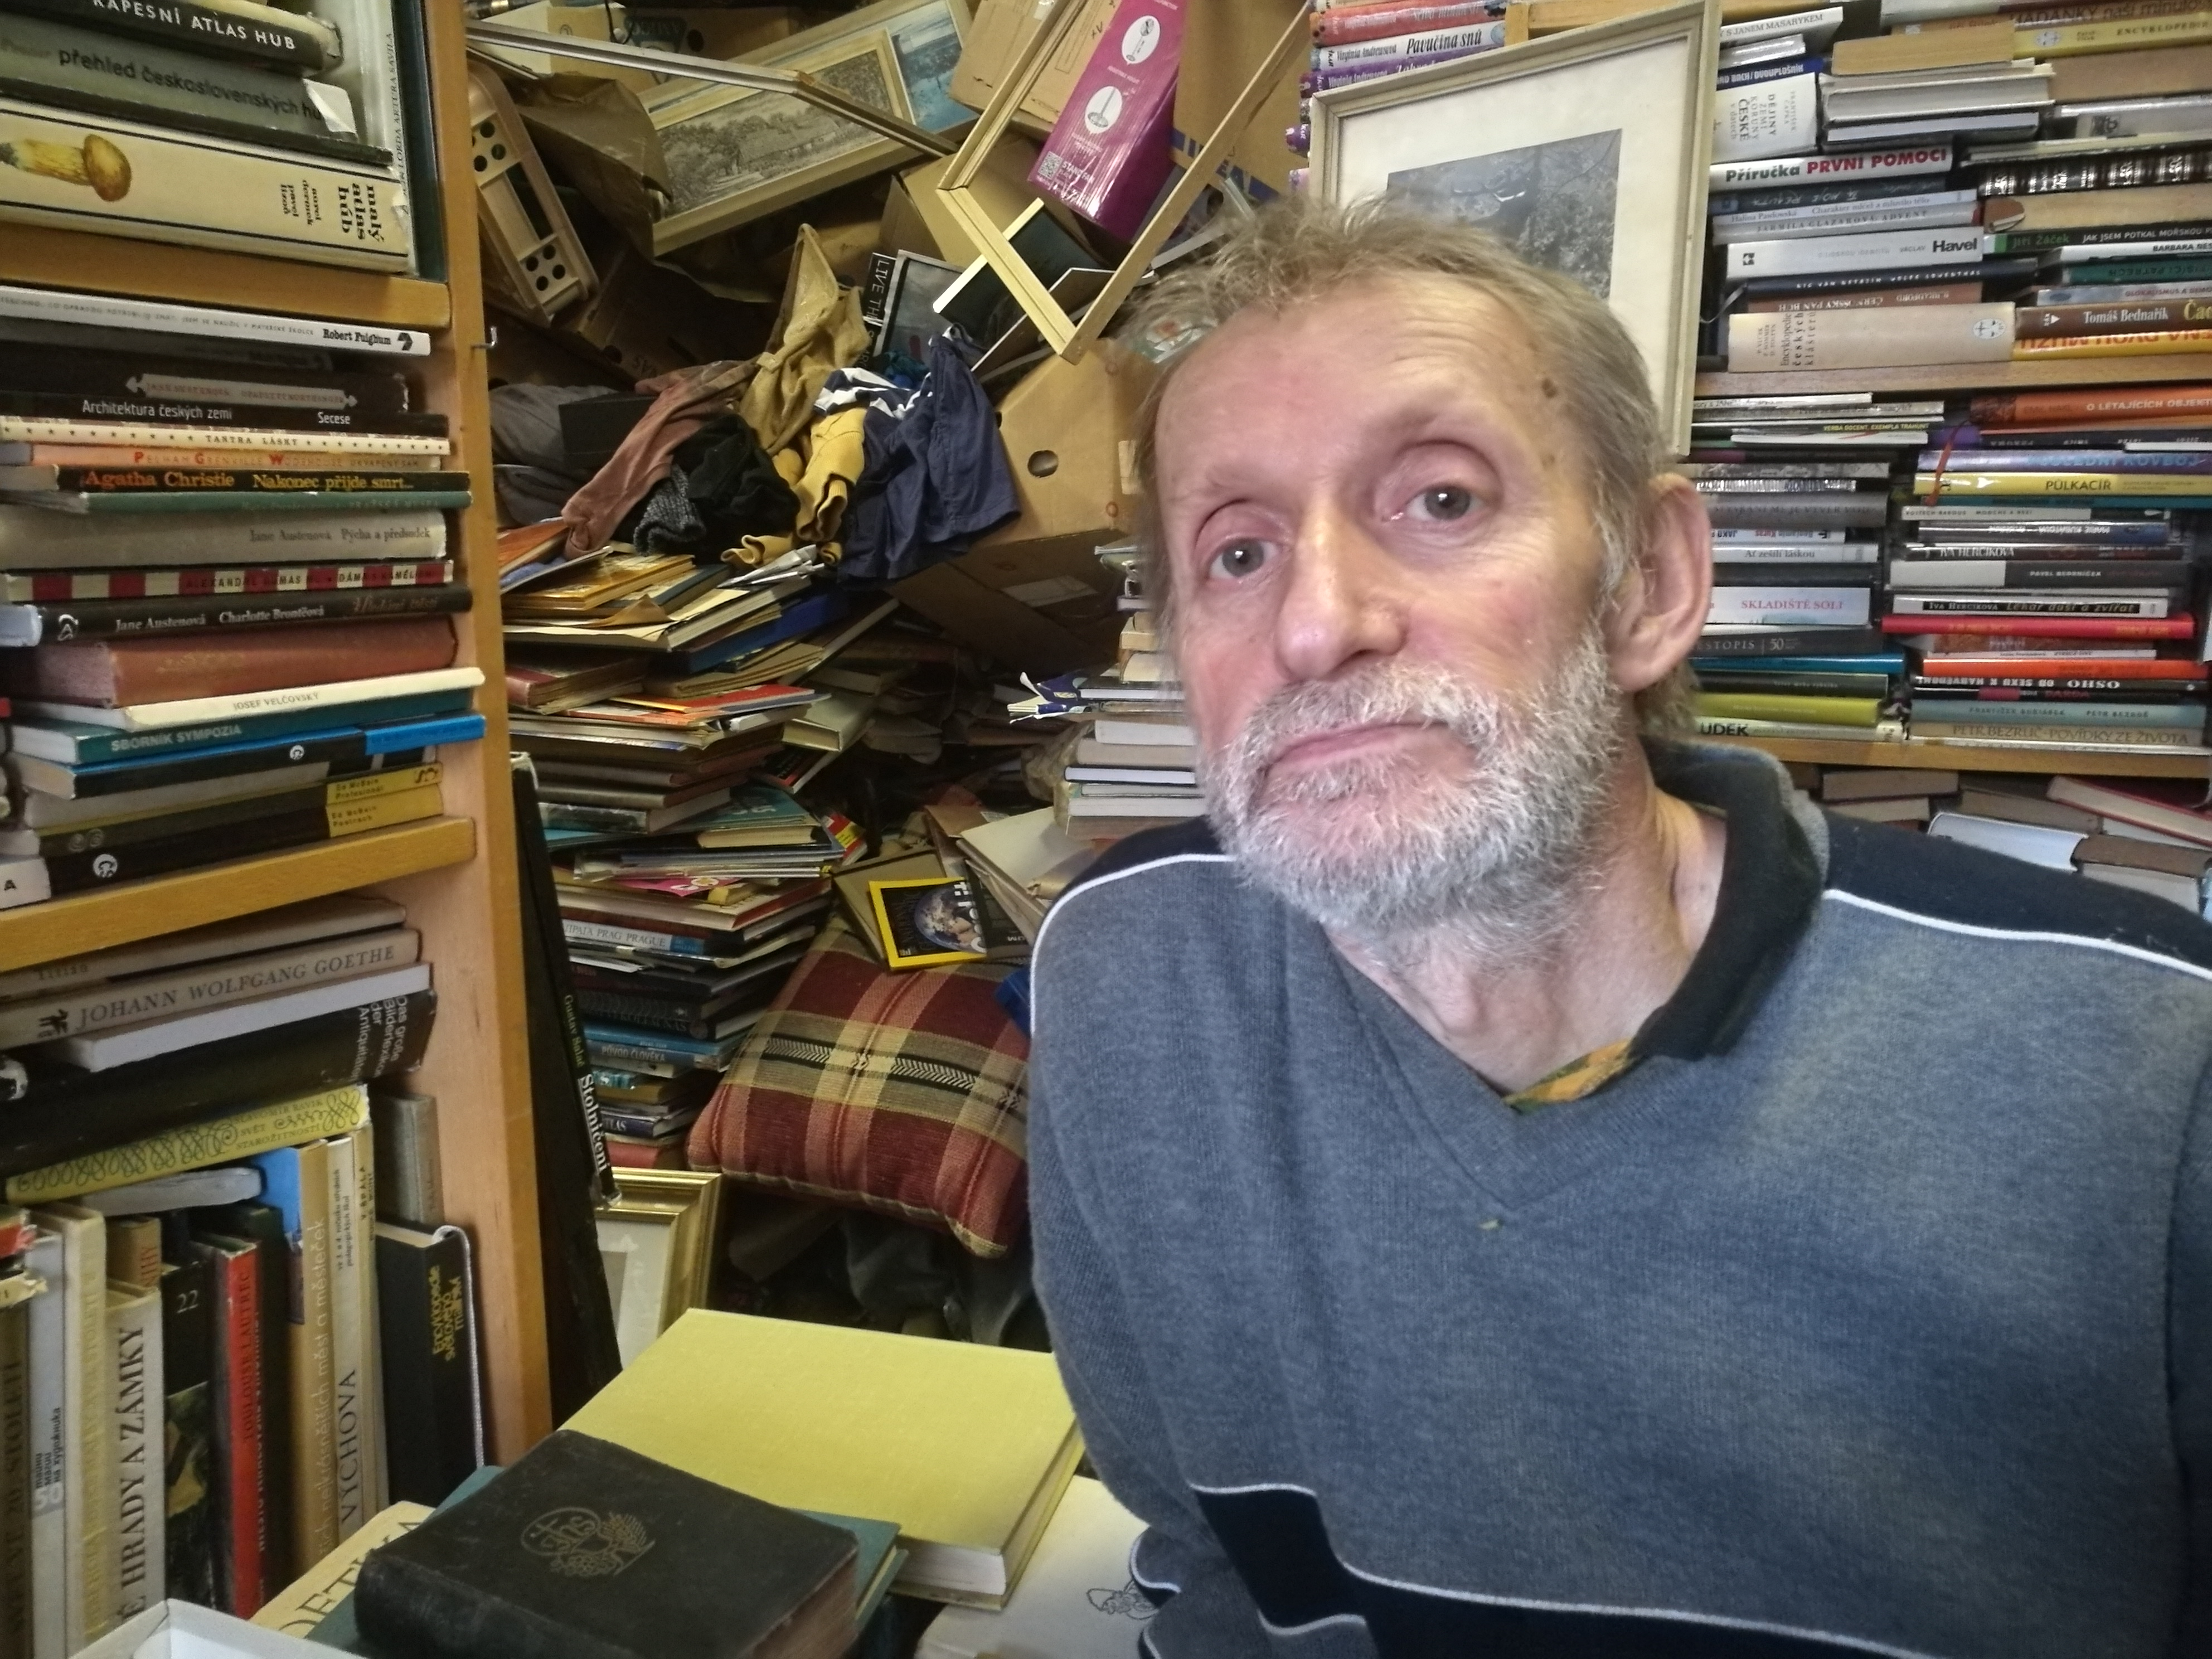 Propadl knížkám a má antikvariát jako z jiného světa